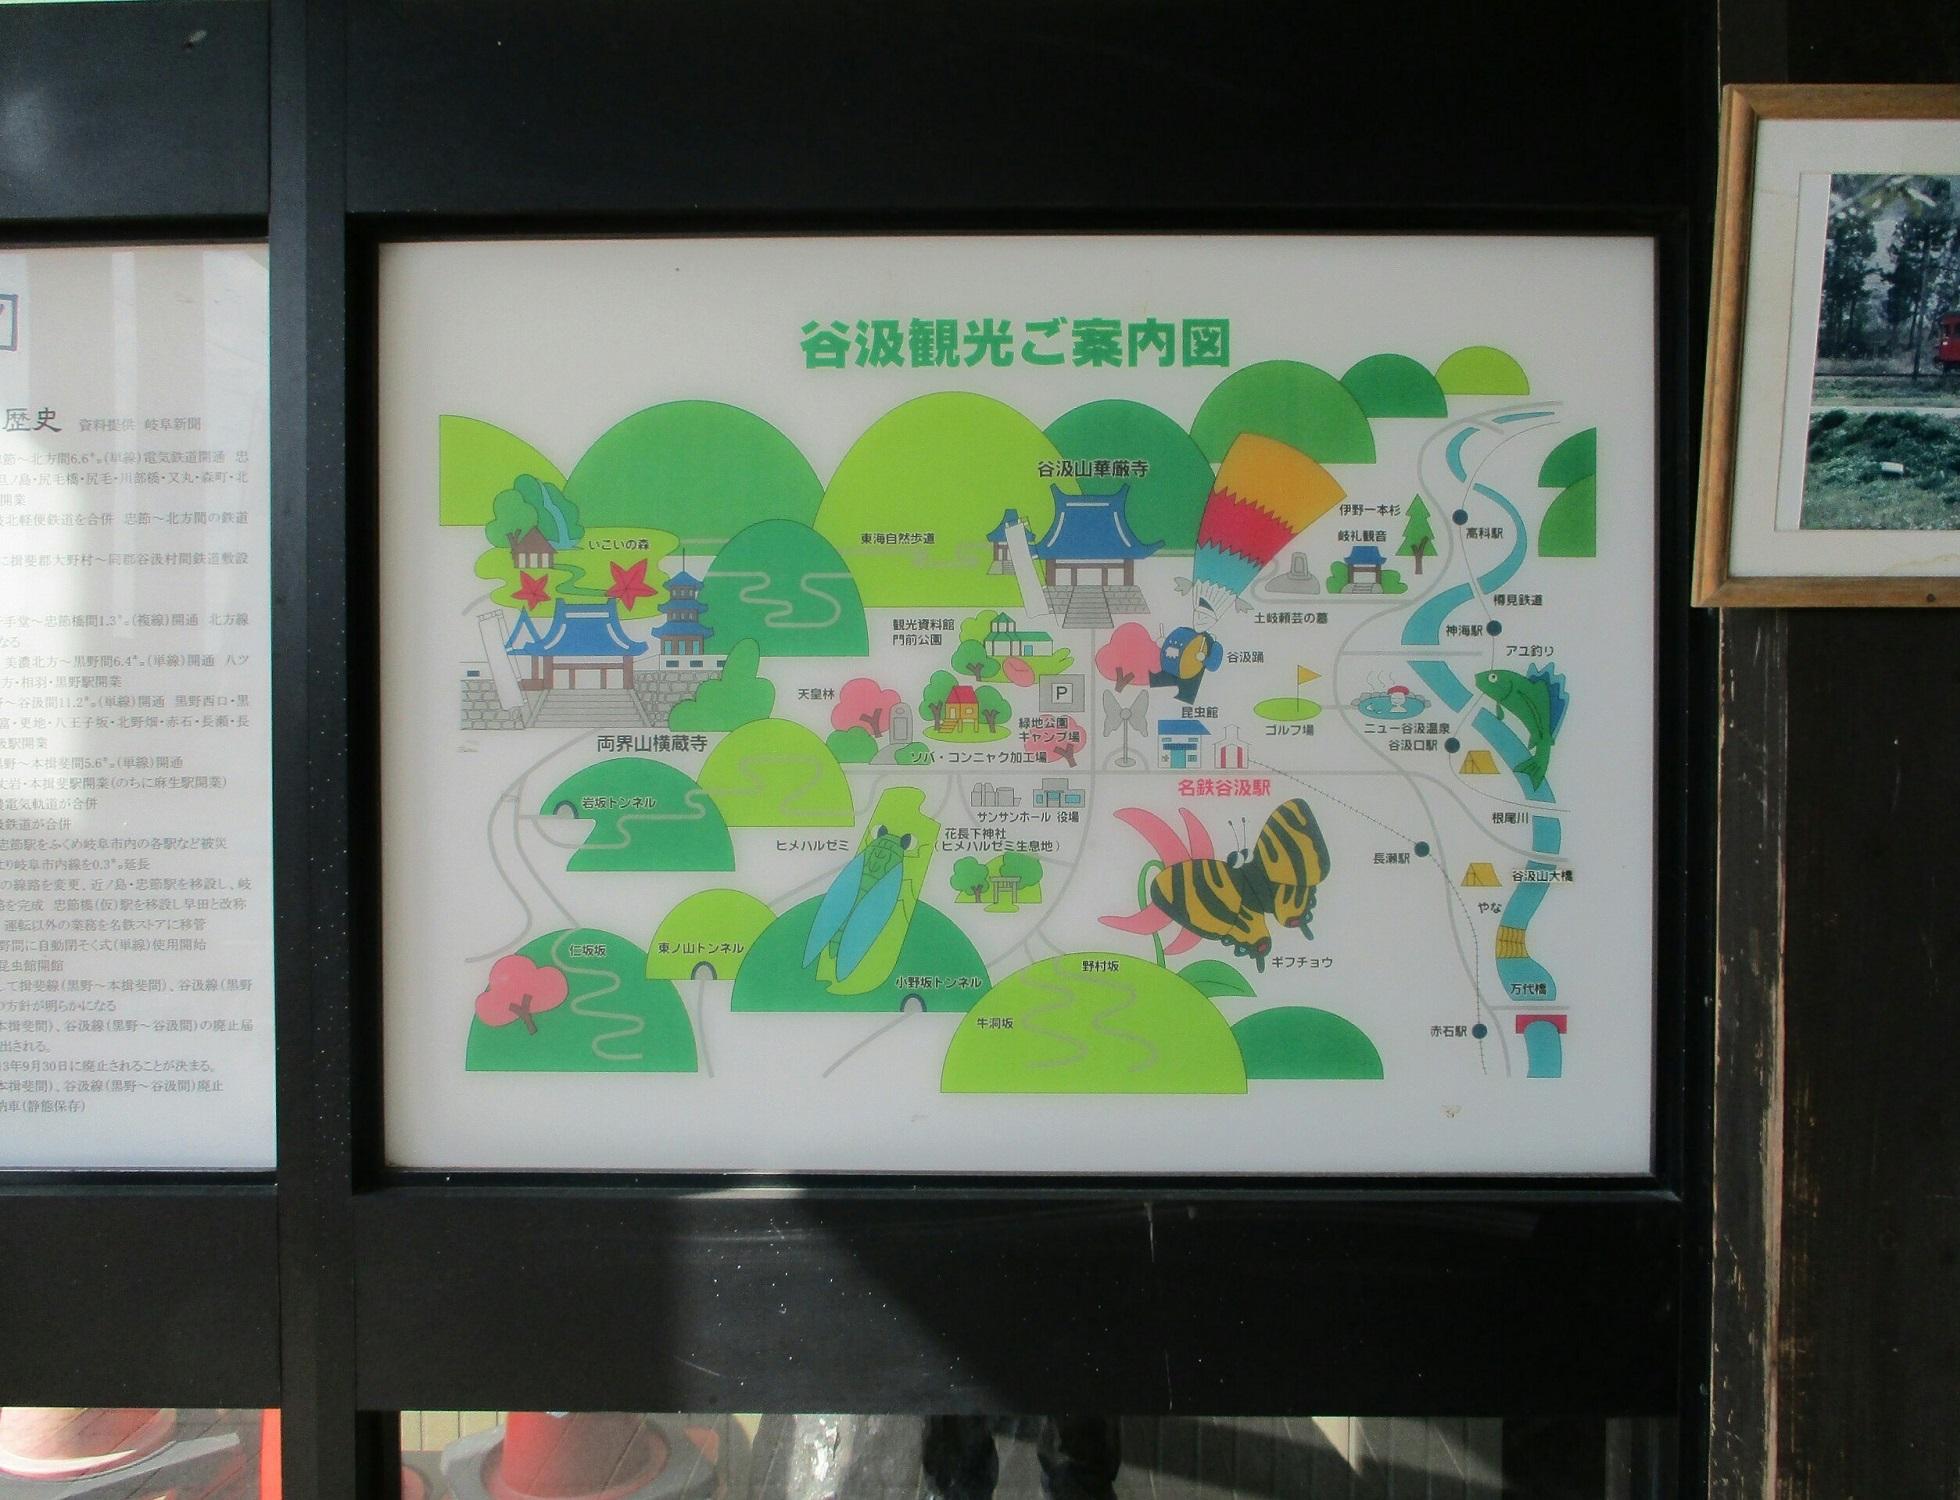 2019.3.1 (144) 旧名鉄谷汲駅 - 谷汲観光ご案内図 1960-1500